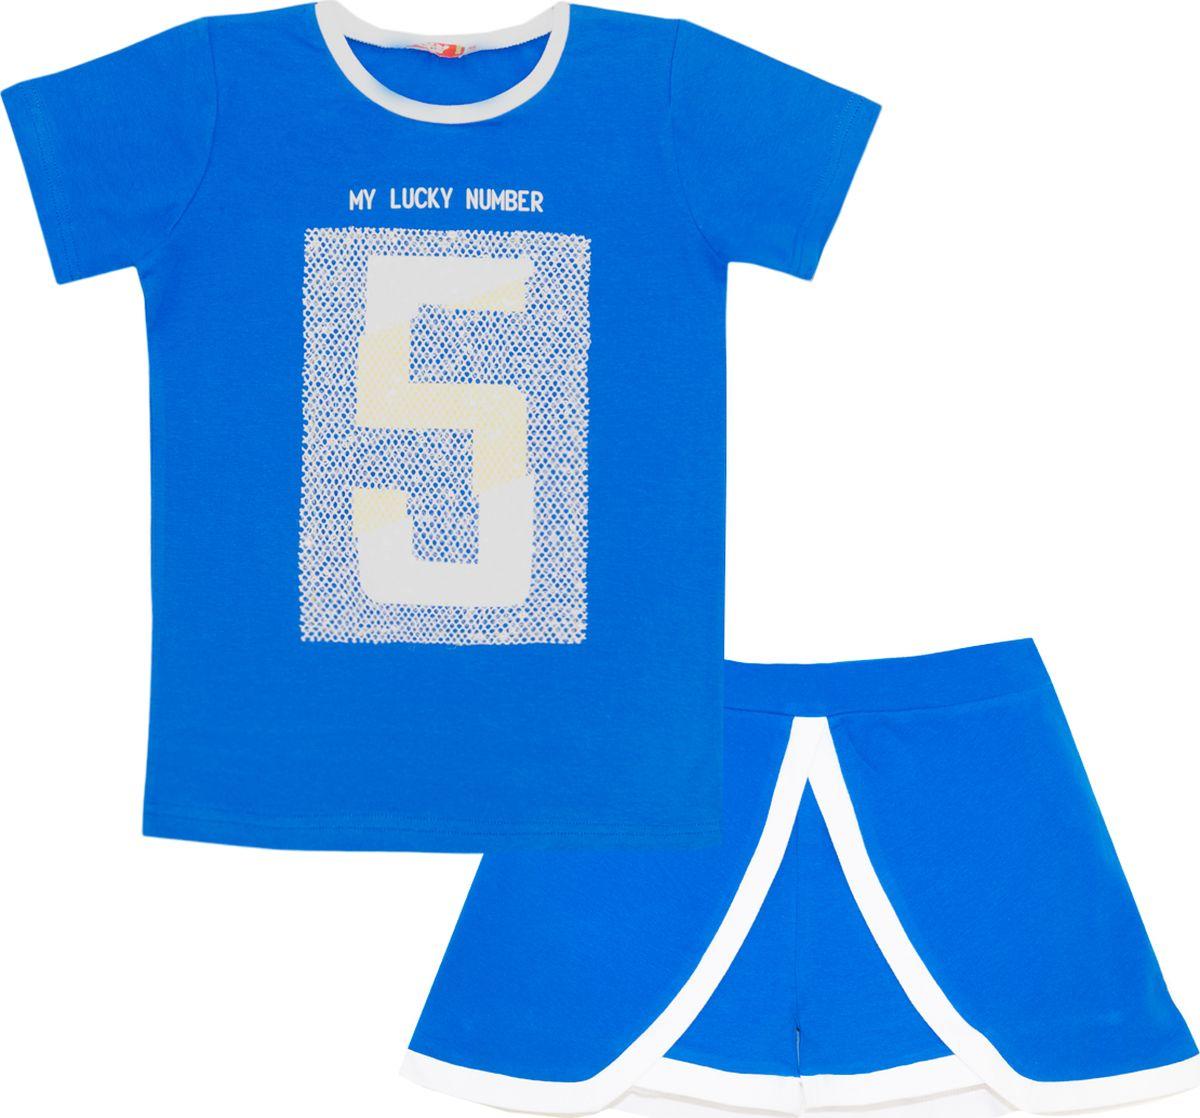 Комплект одежды для девочки Let's Go: футболка, шорты, цвет: темно-синий, малиновый. 4121. Размер 164 комплект одежды для девочки let s go футболка бриджи цвет лиловый фиолетовый 4132 размер 74